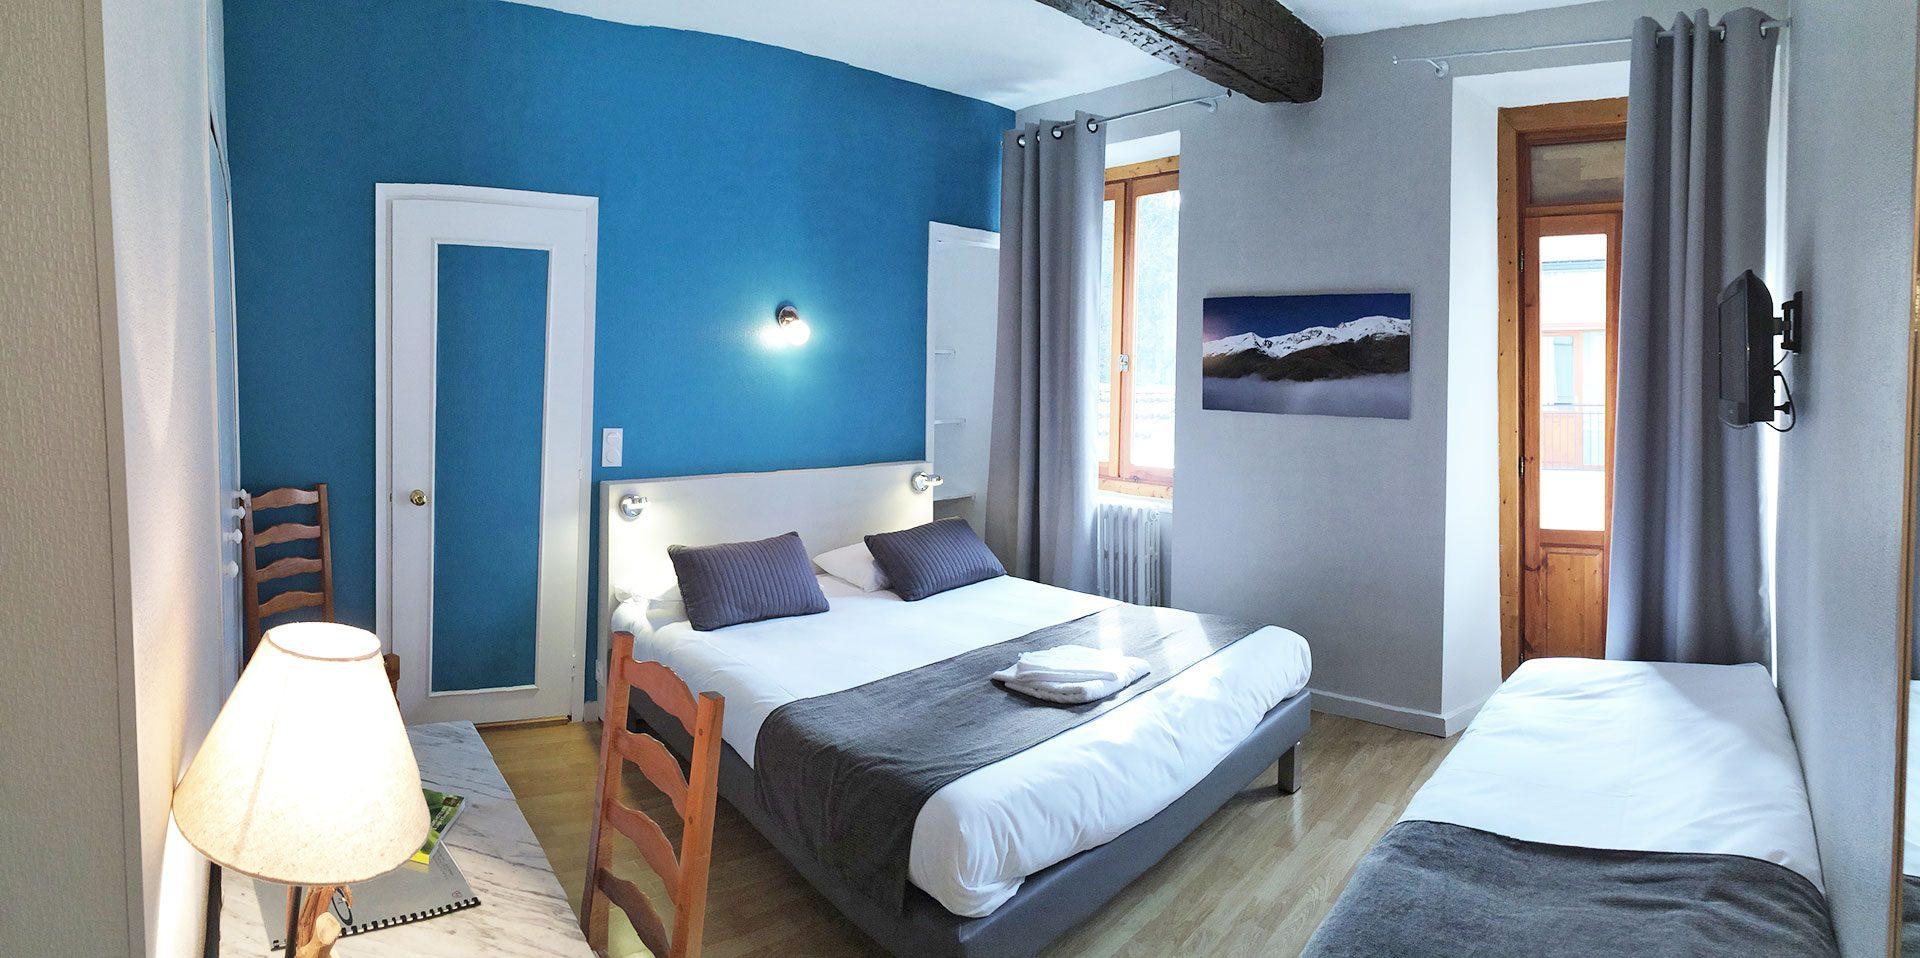 Chambre N°5 - Junior Supérieure - Hôtel le Chalet à Ax les Thermes en Ariège Pyrénées